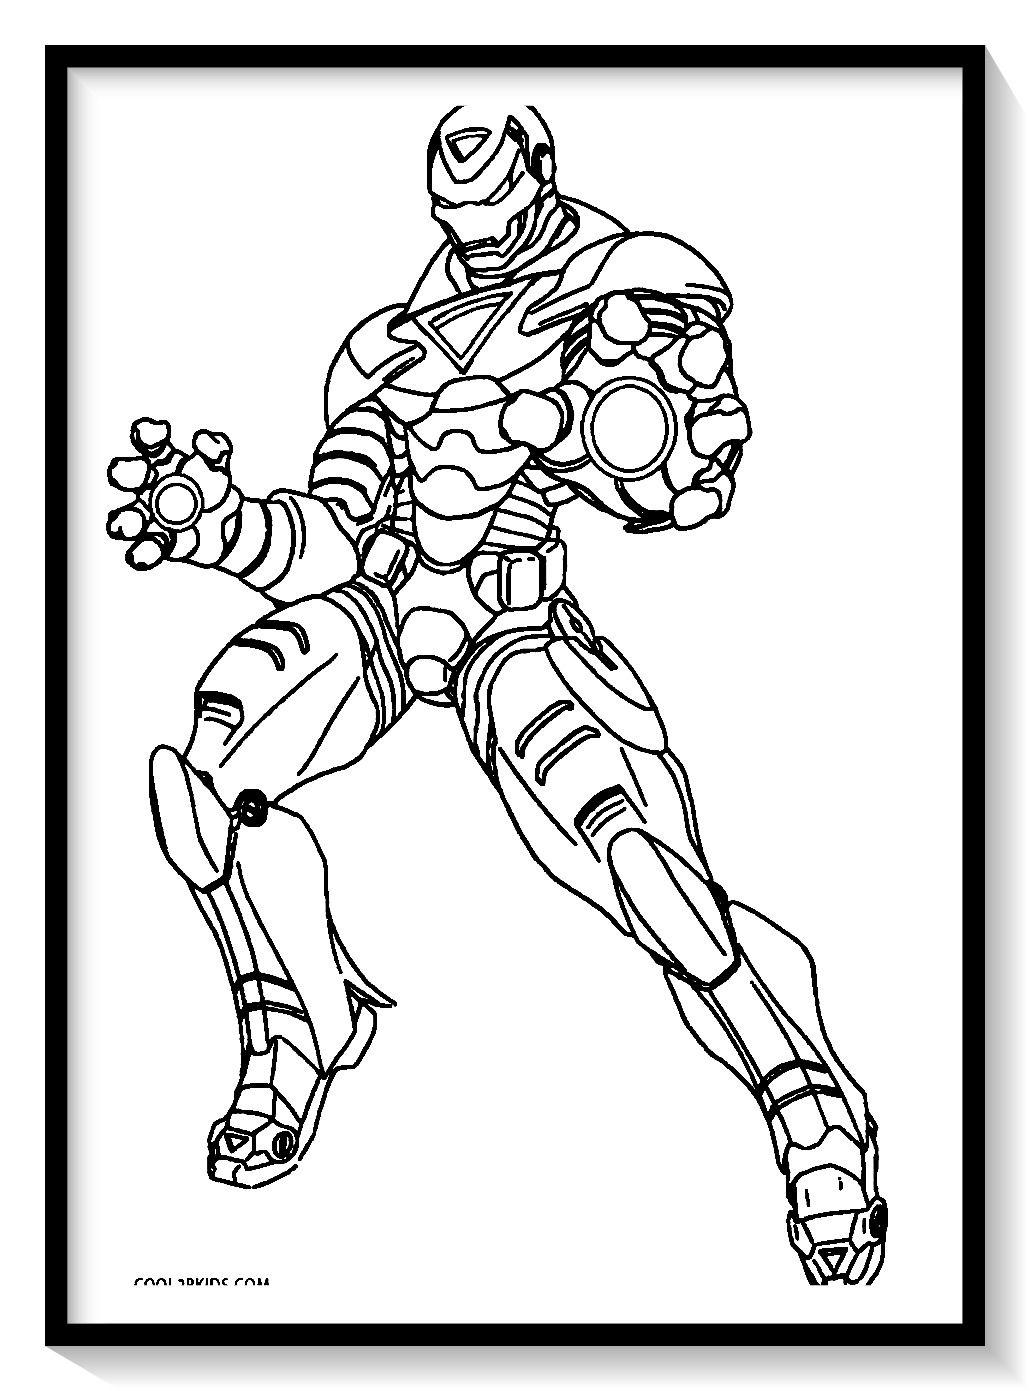 Dibujos De Iron Man Para Colorear En Linea Colorear E Imprimir Ironman Ironman Para Avengers Coloring Pages Superhero Coloring Pages Coloring Pages